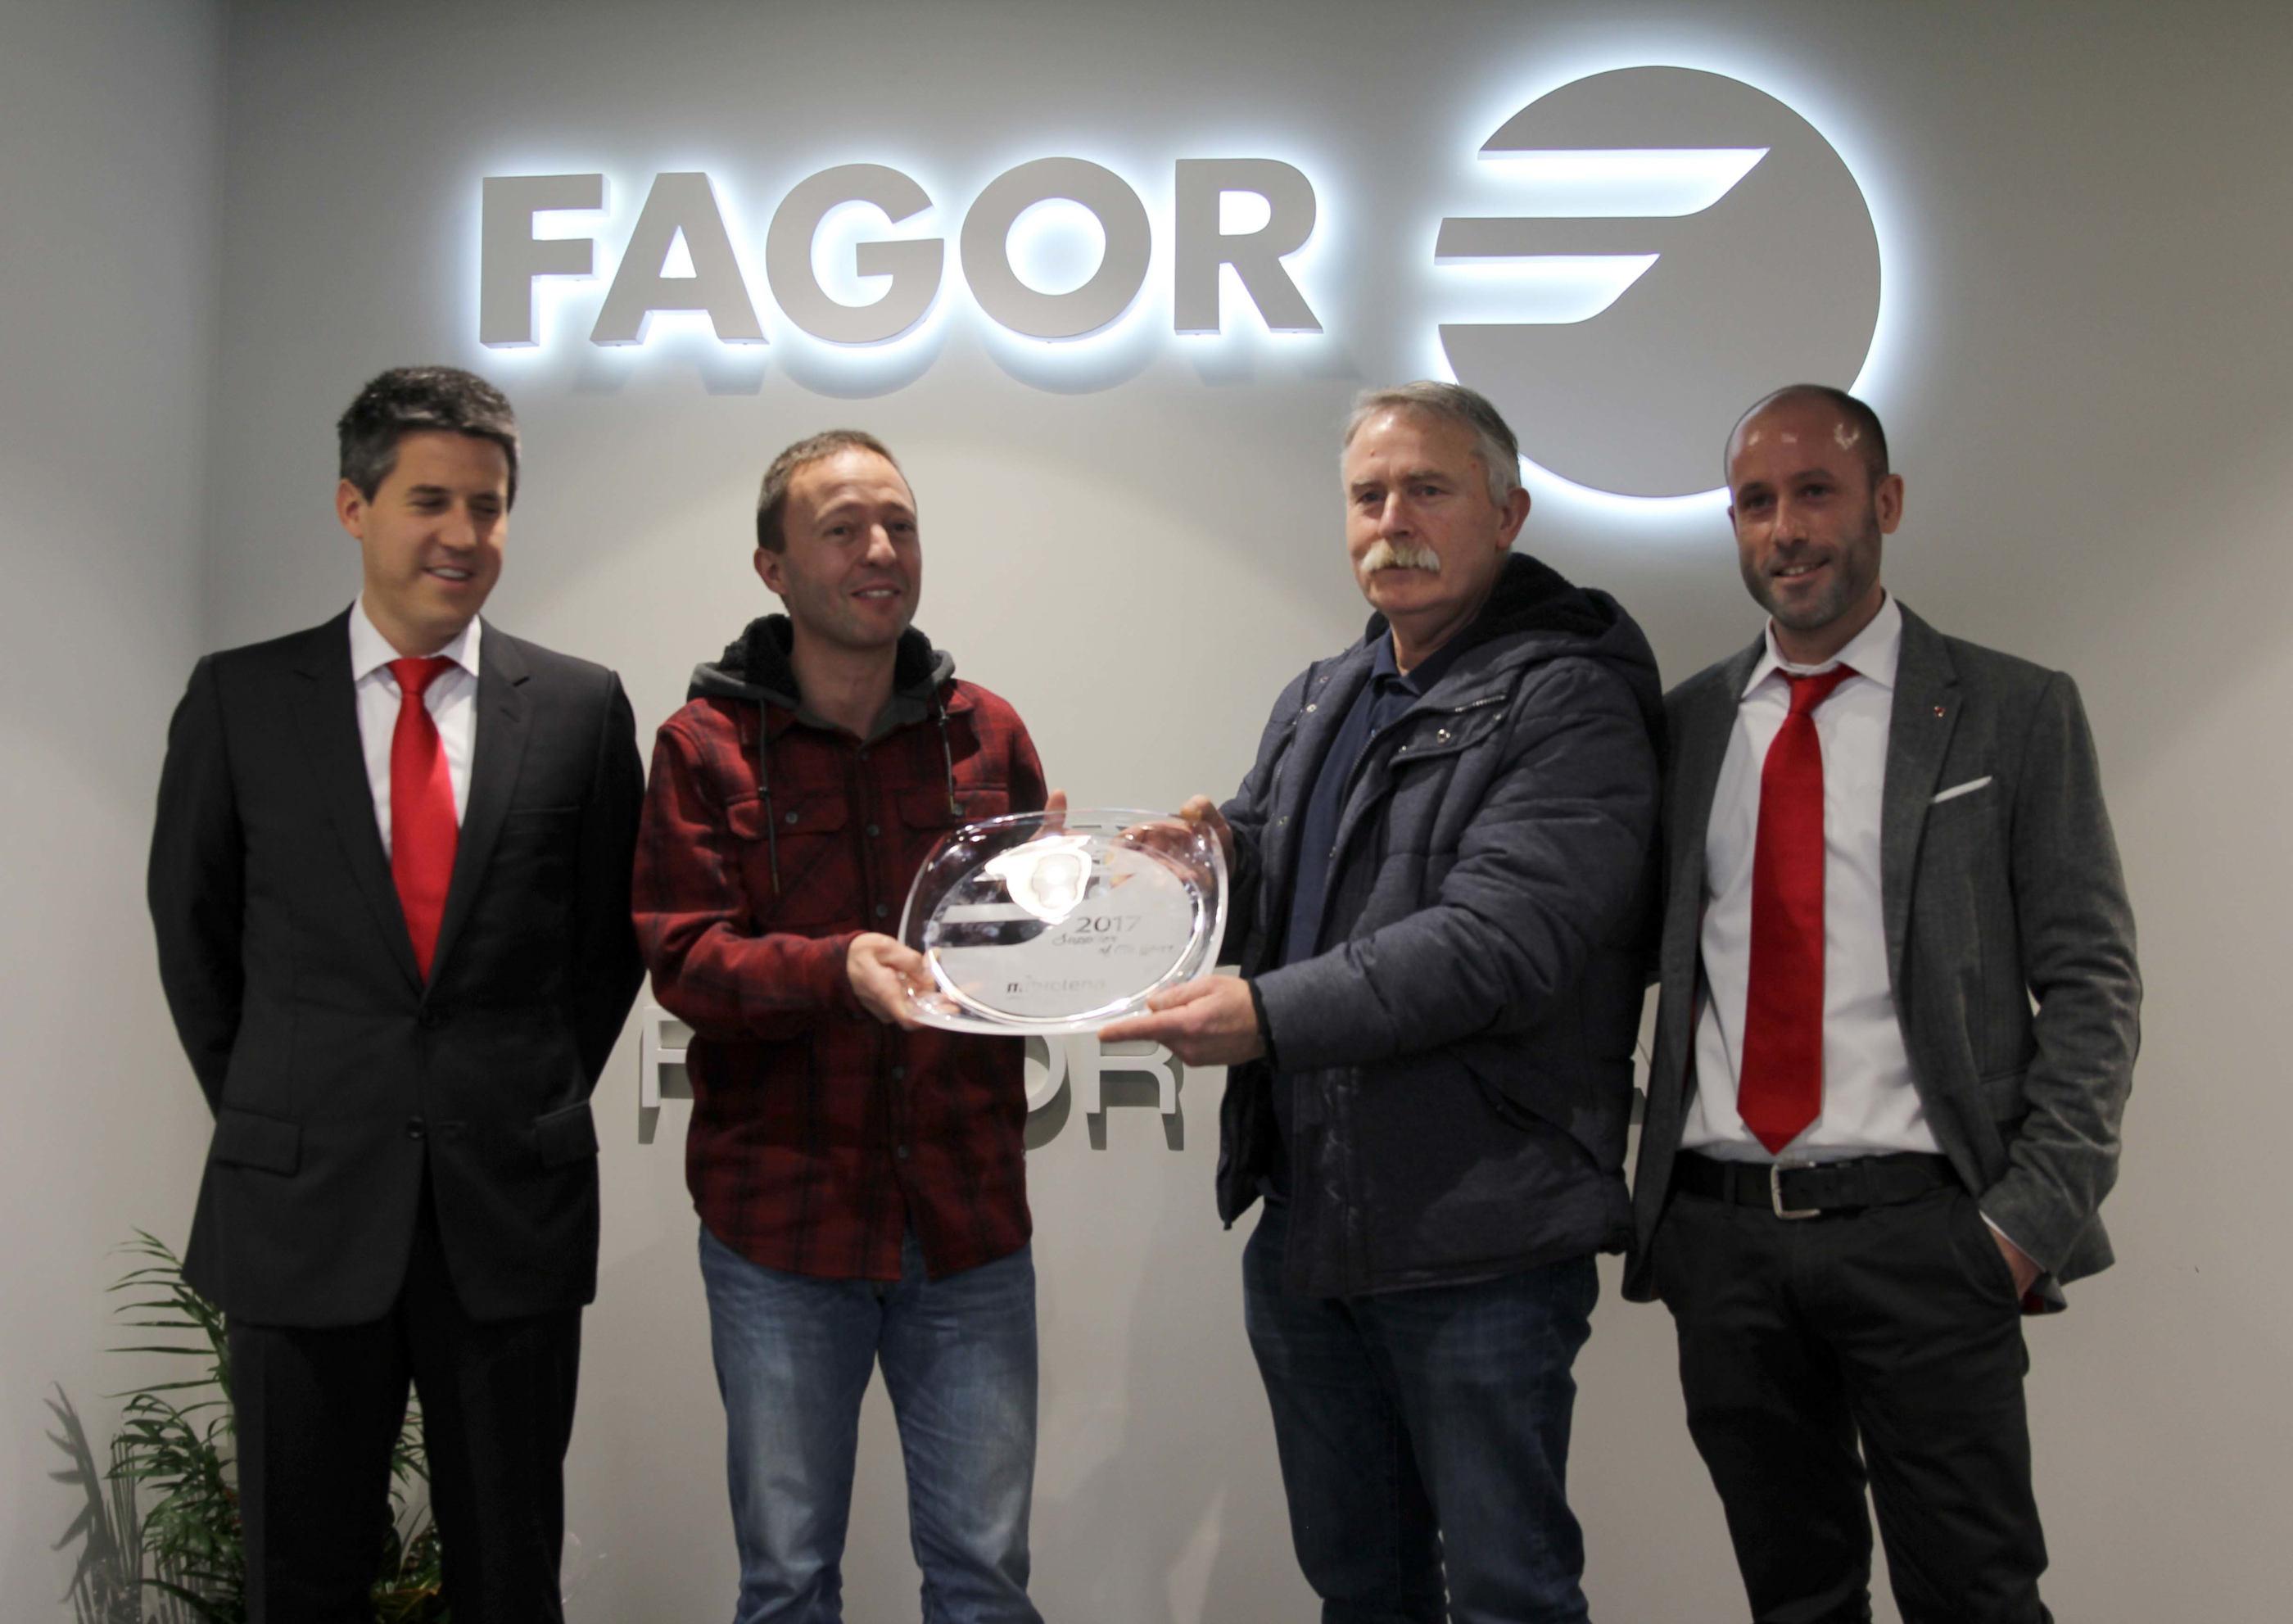 FAGOR ARRASATE entrega el premio al mejor proveedor del año 2017